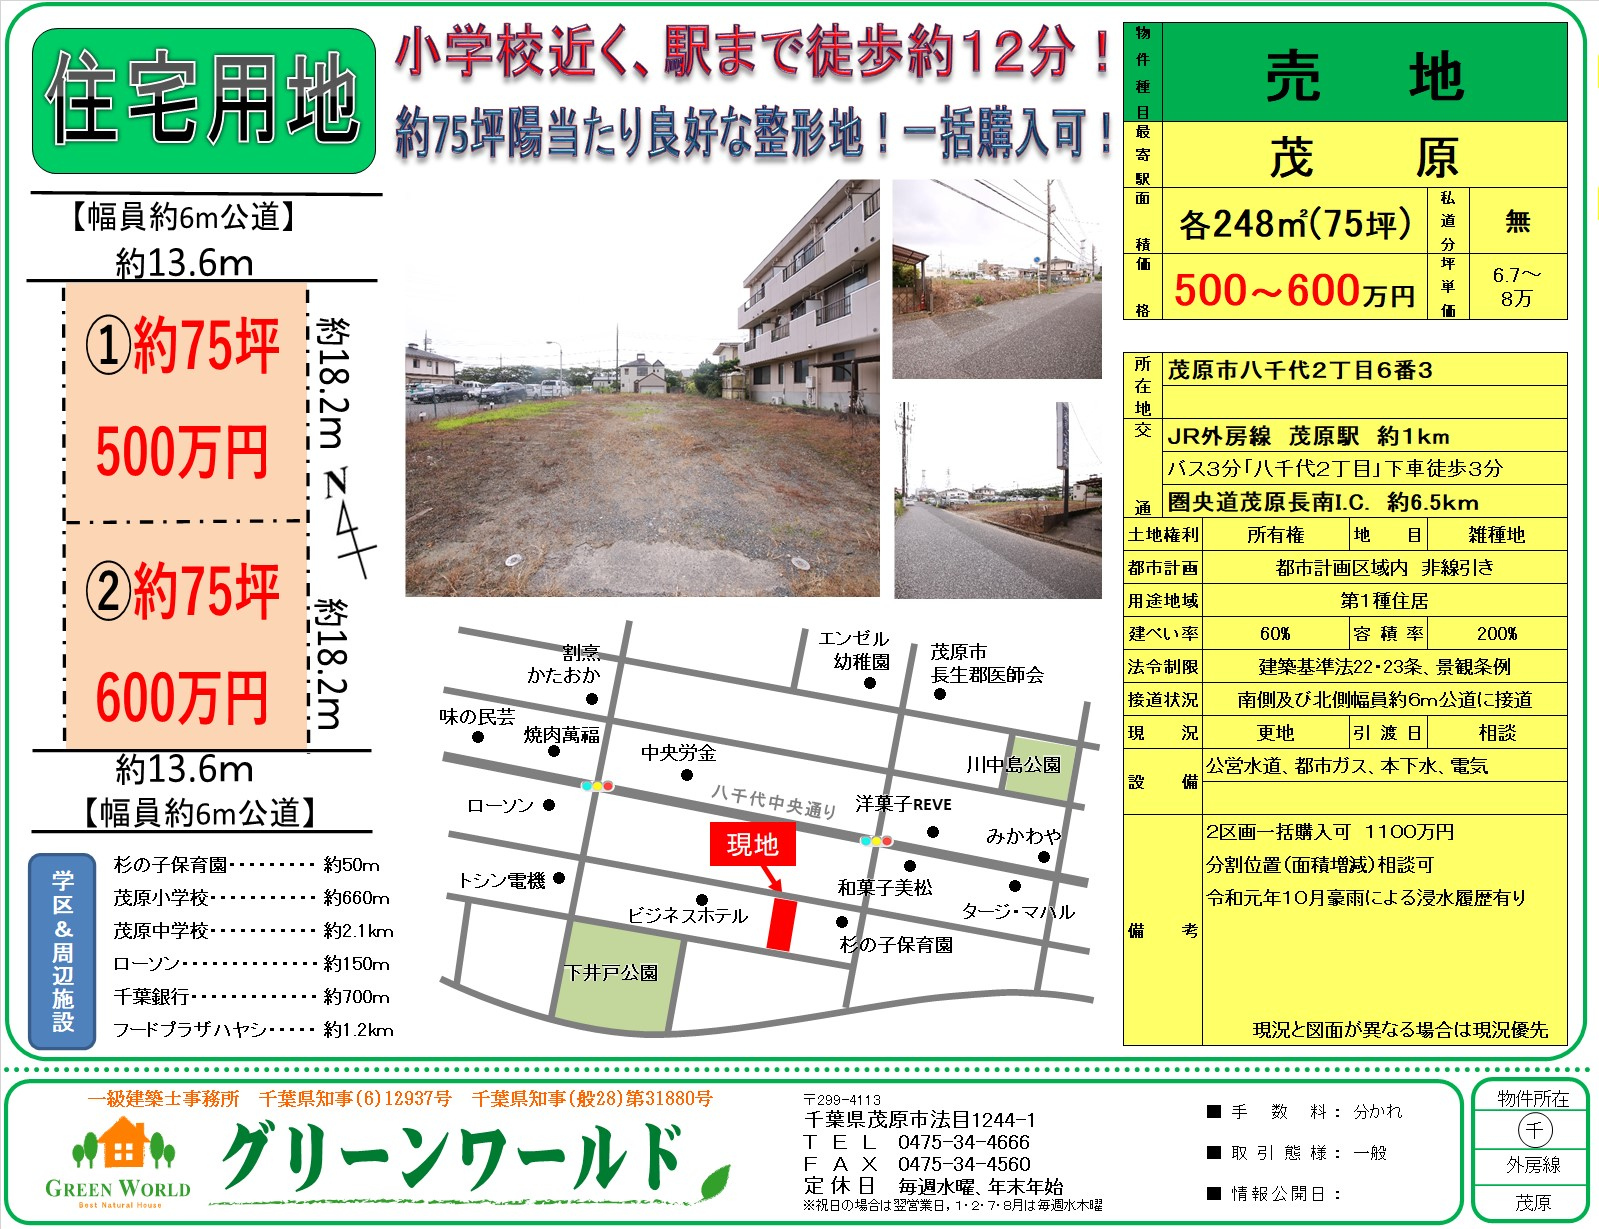 【売土地】茂原市八千代75坪(2区画)